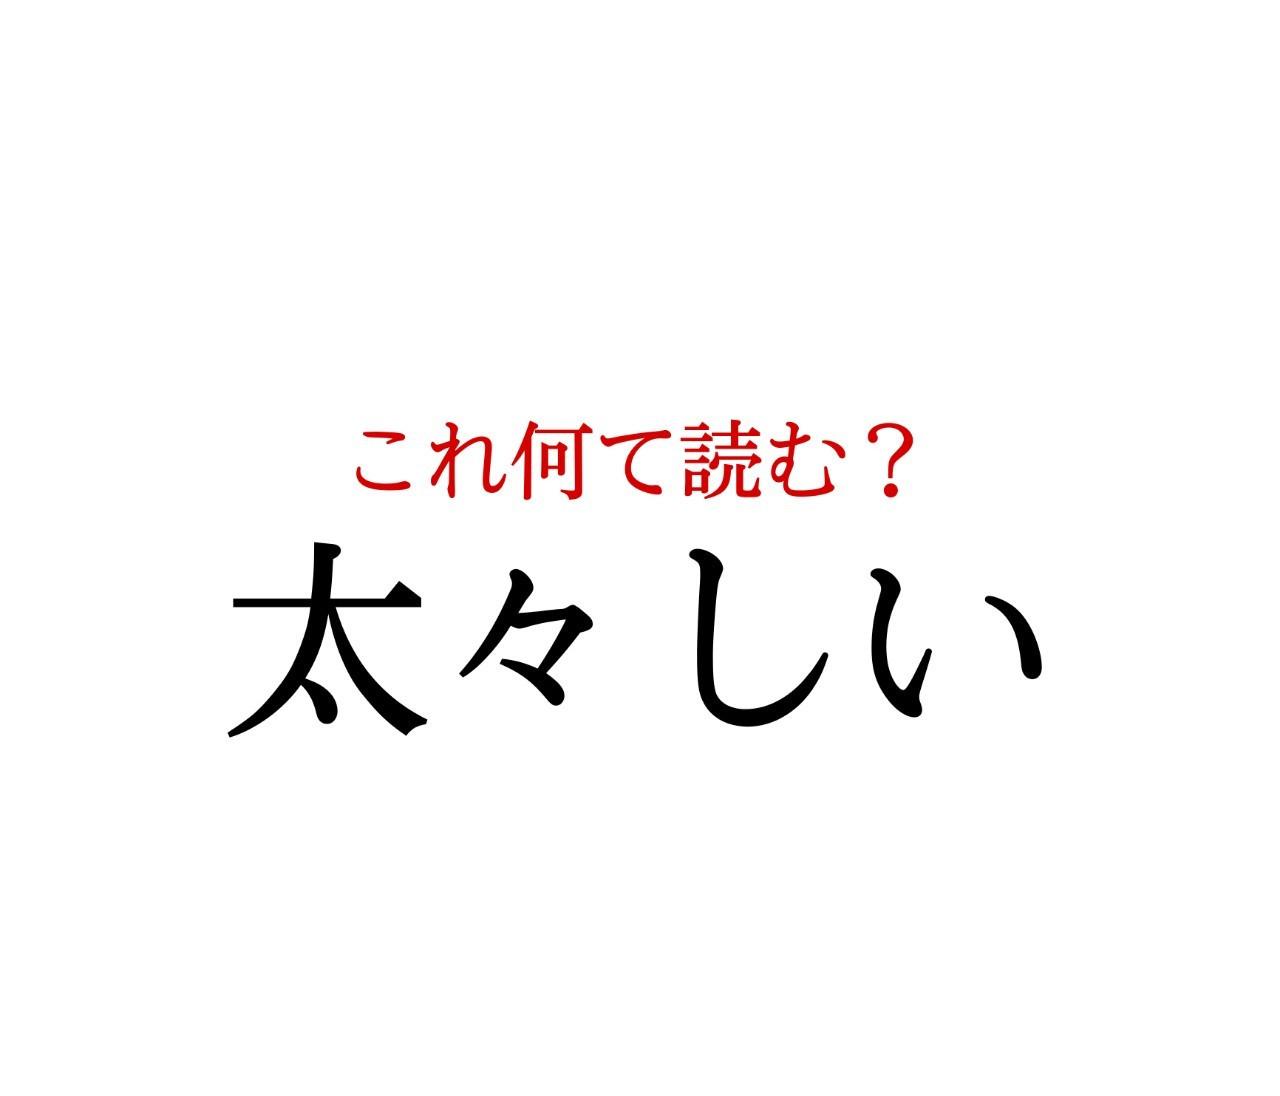 「太々しい」:この漢字、自信を持って読めますか?【働く大人の漢字クイズvol.204】